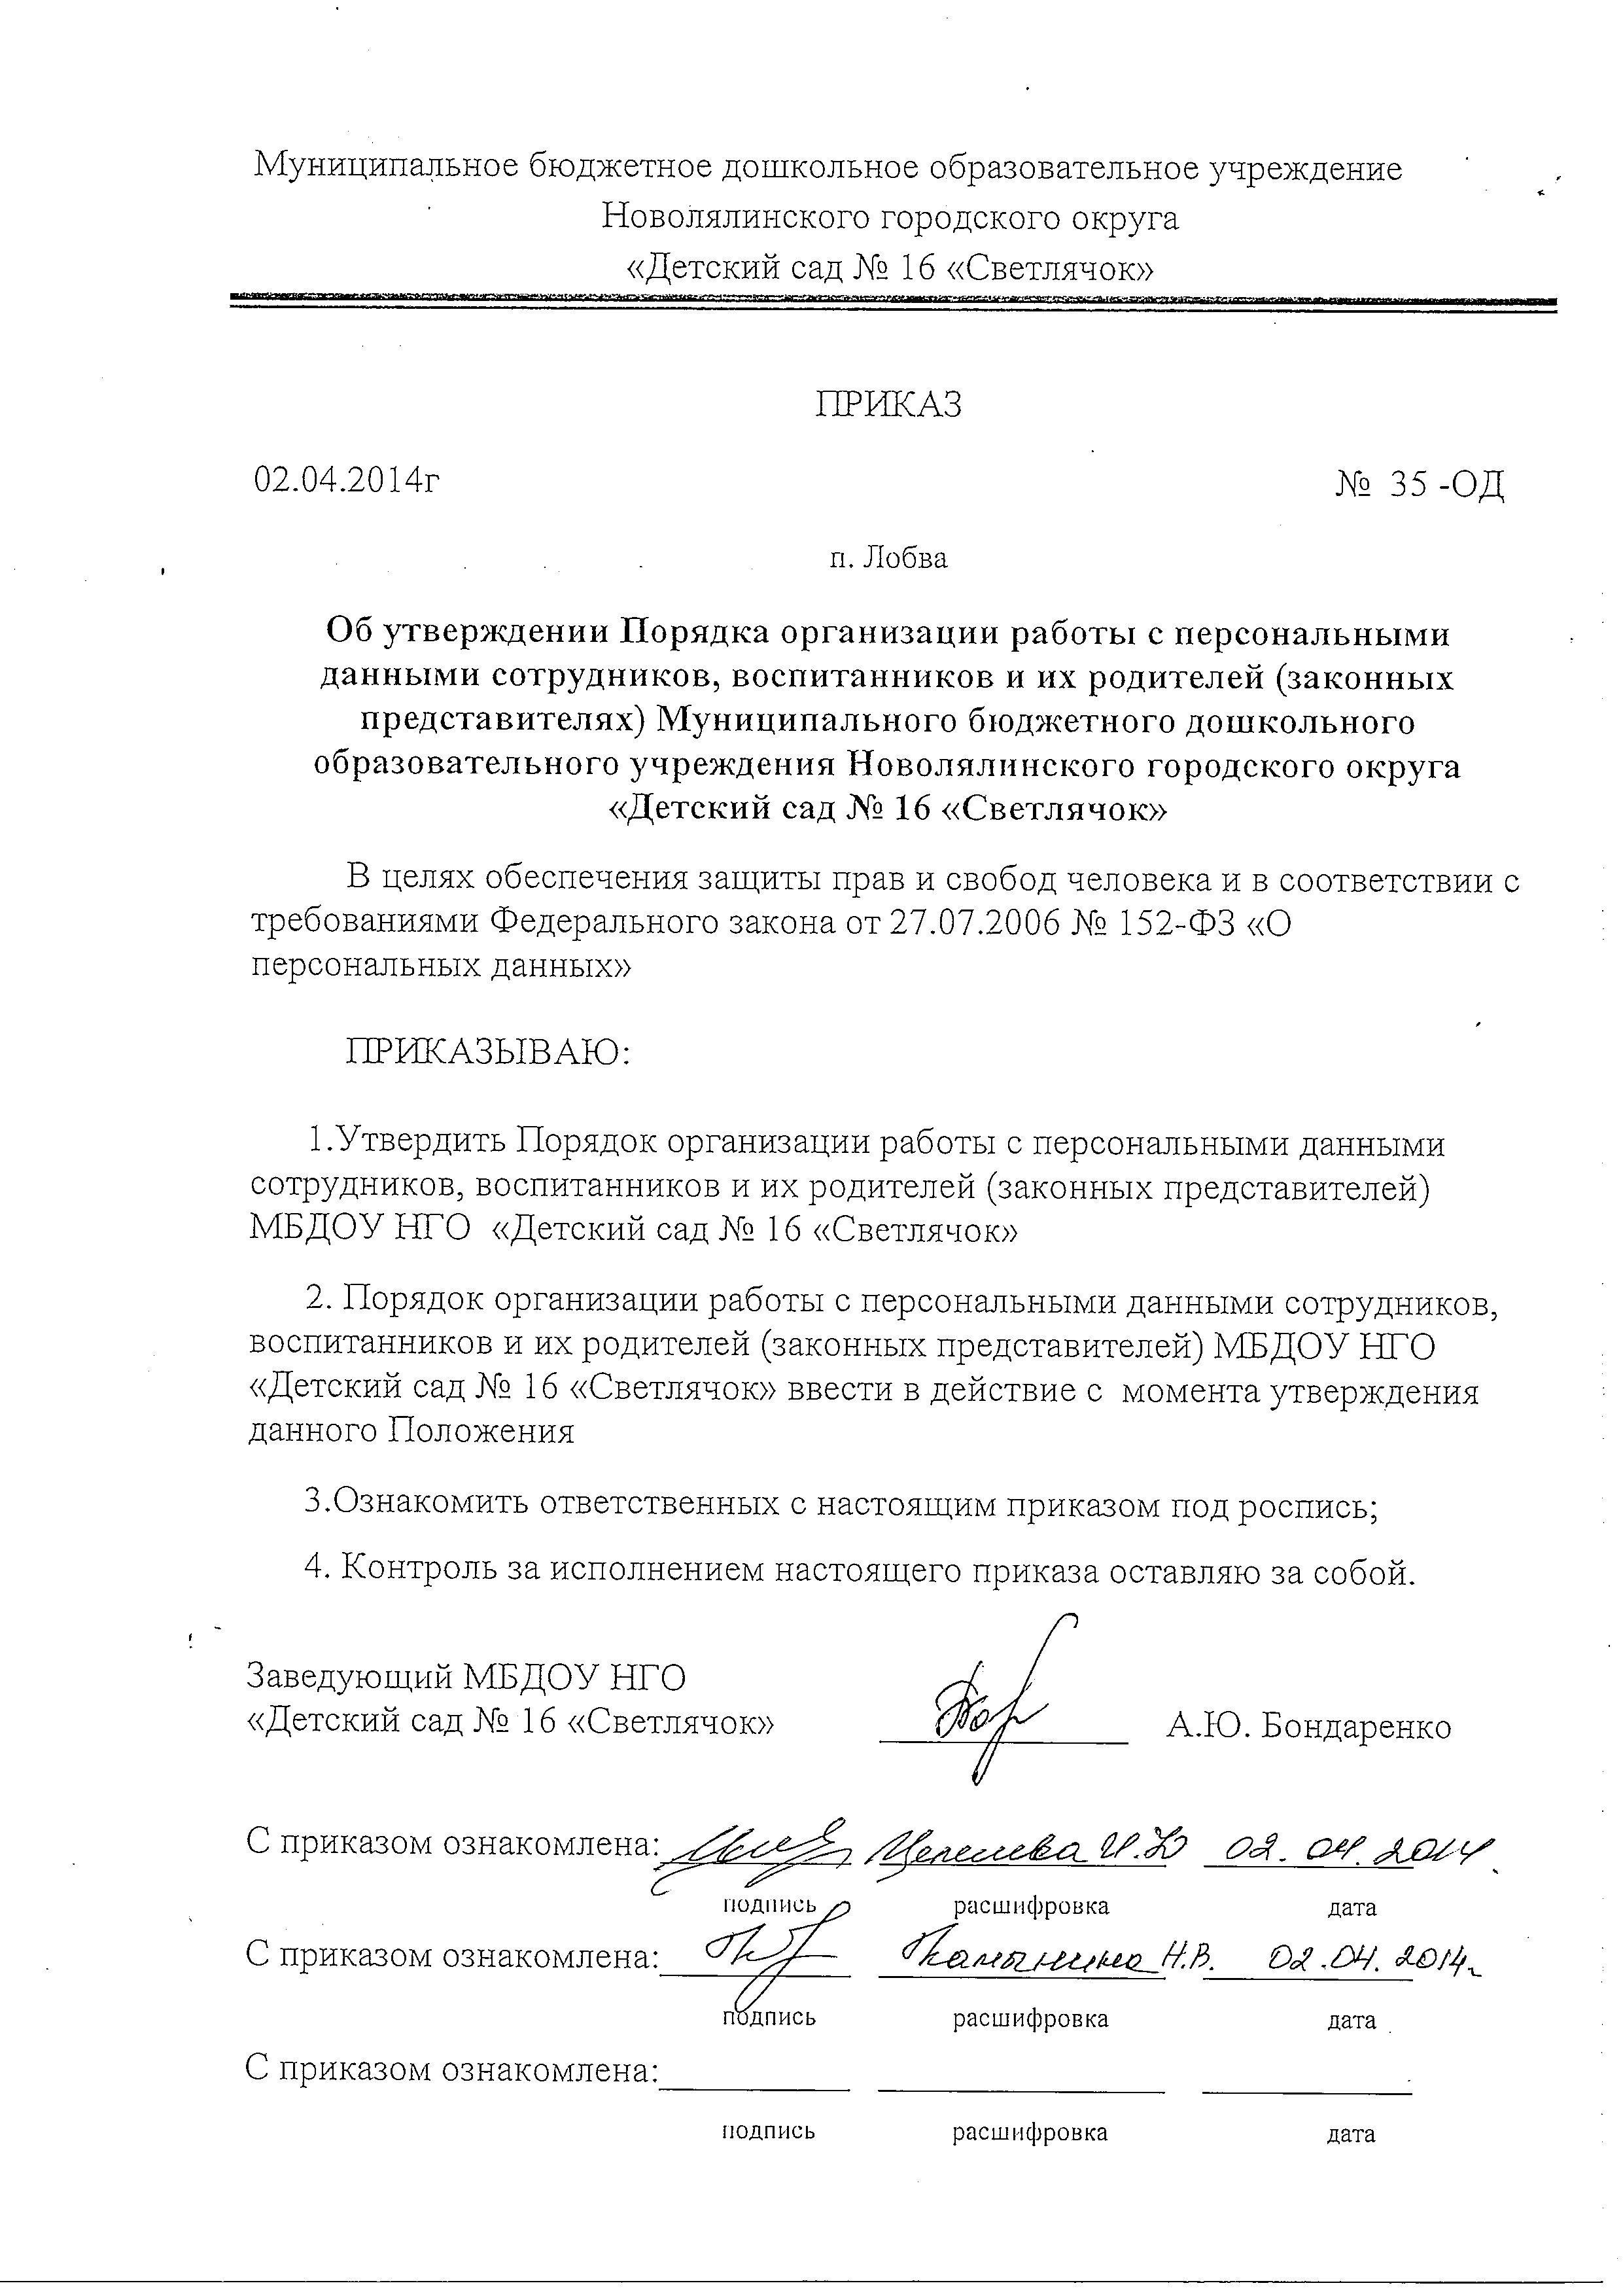 бланк приказ о зачислении в штат